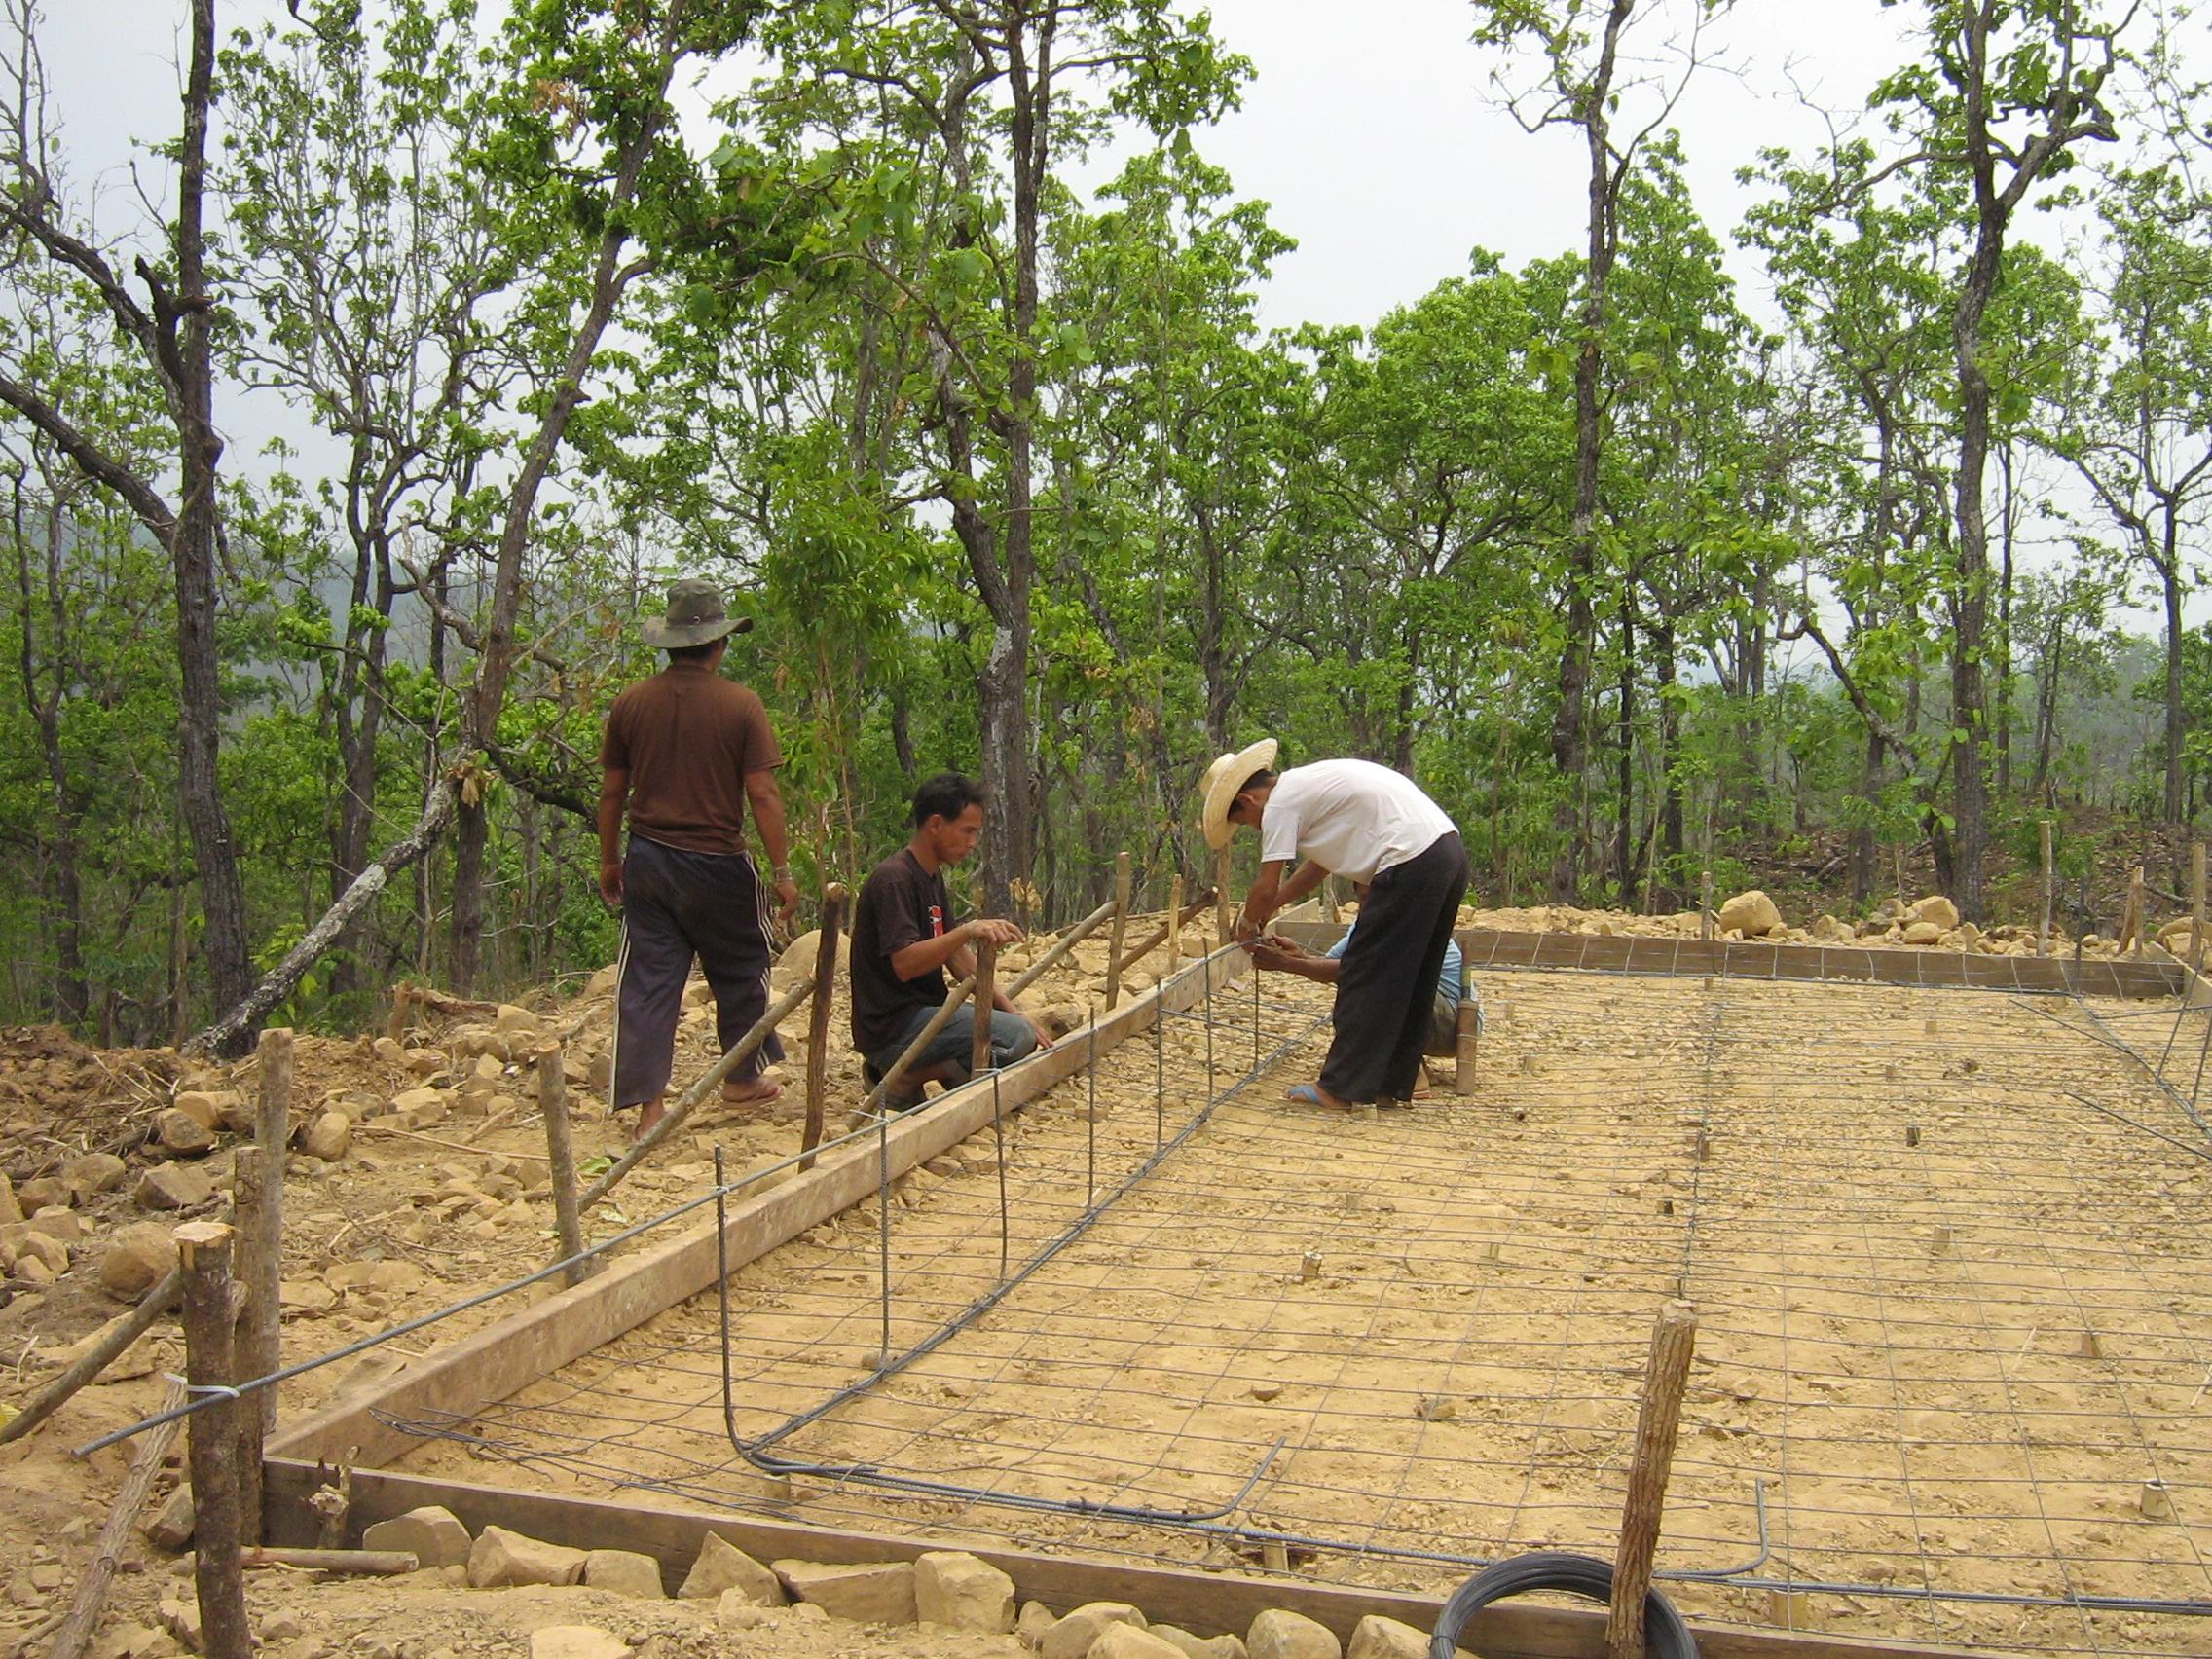 เตรียมมัดลวดกับเหล็กสำหรับสร้างบ่อกรอง